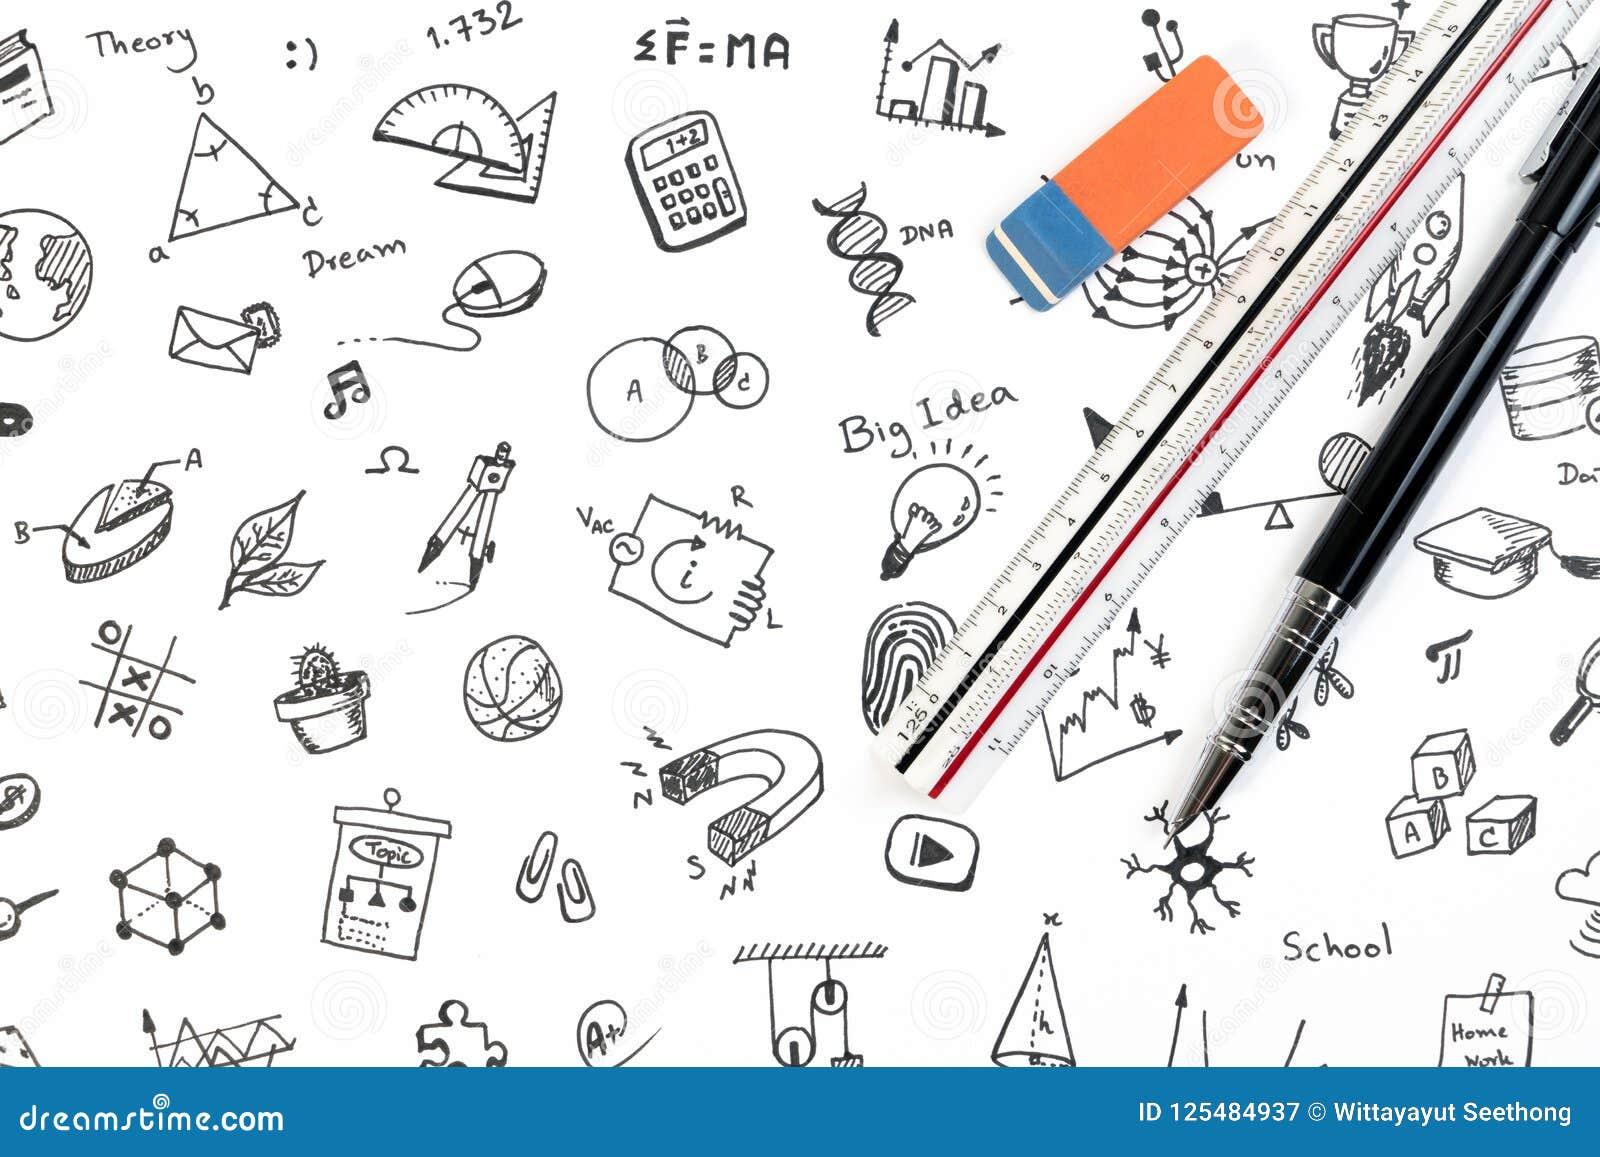 Έννοια υποβάθρου εκπαίδευσης ΜΙΣΧΩΝ ΜΙΣΧΟΣ - υπόβαθρο επιστήμης, τεχνολογίας, εφαρμοσμένης μηχανικής και μαθηματικών με τη μάνδρα